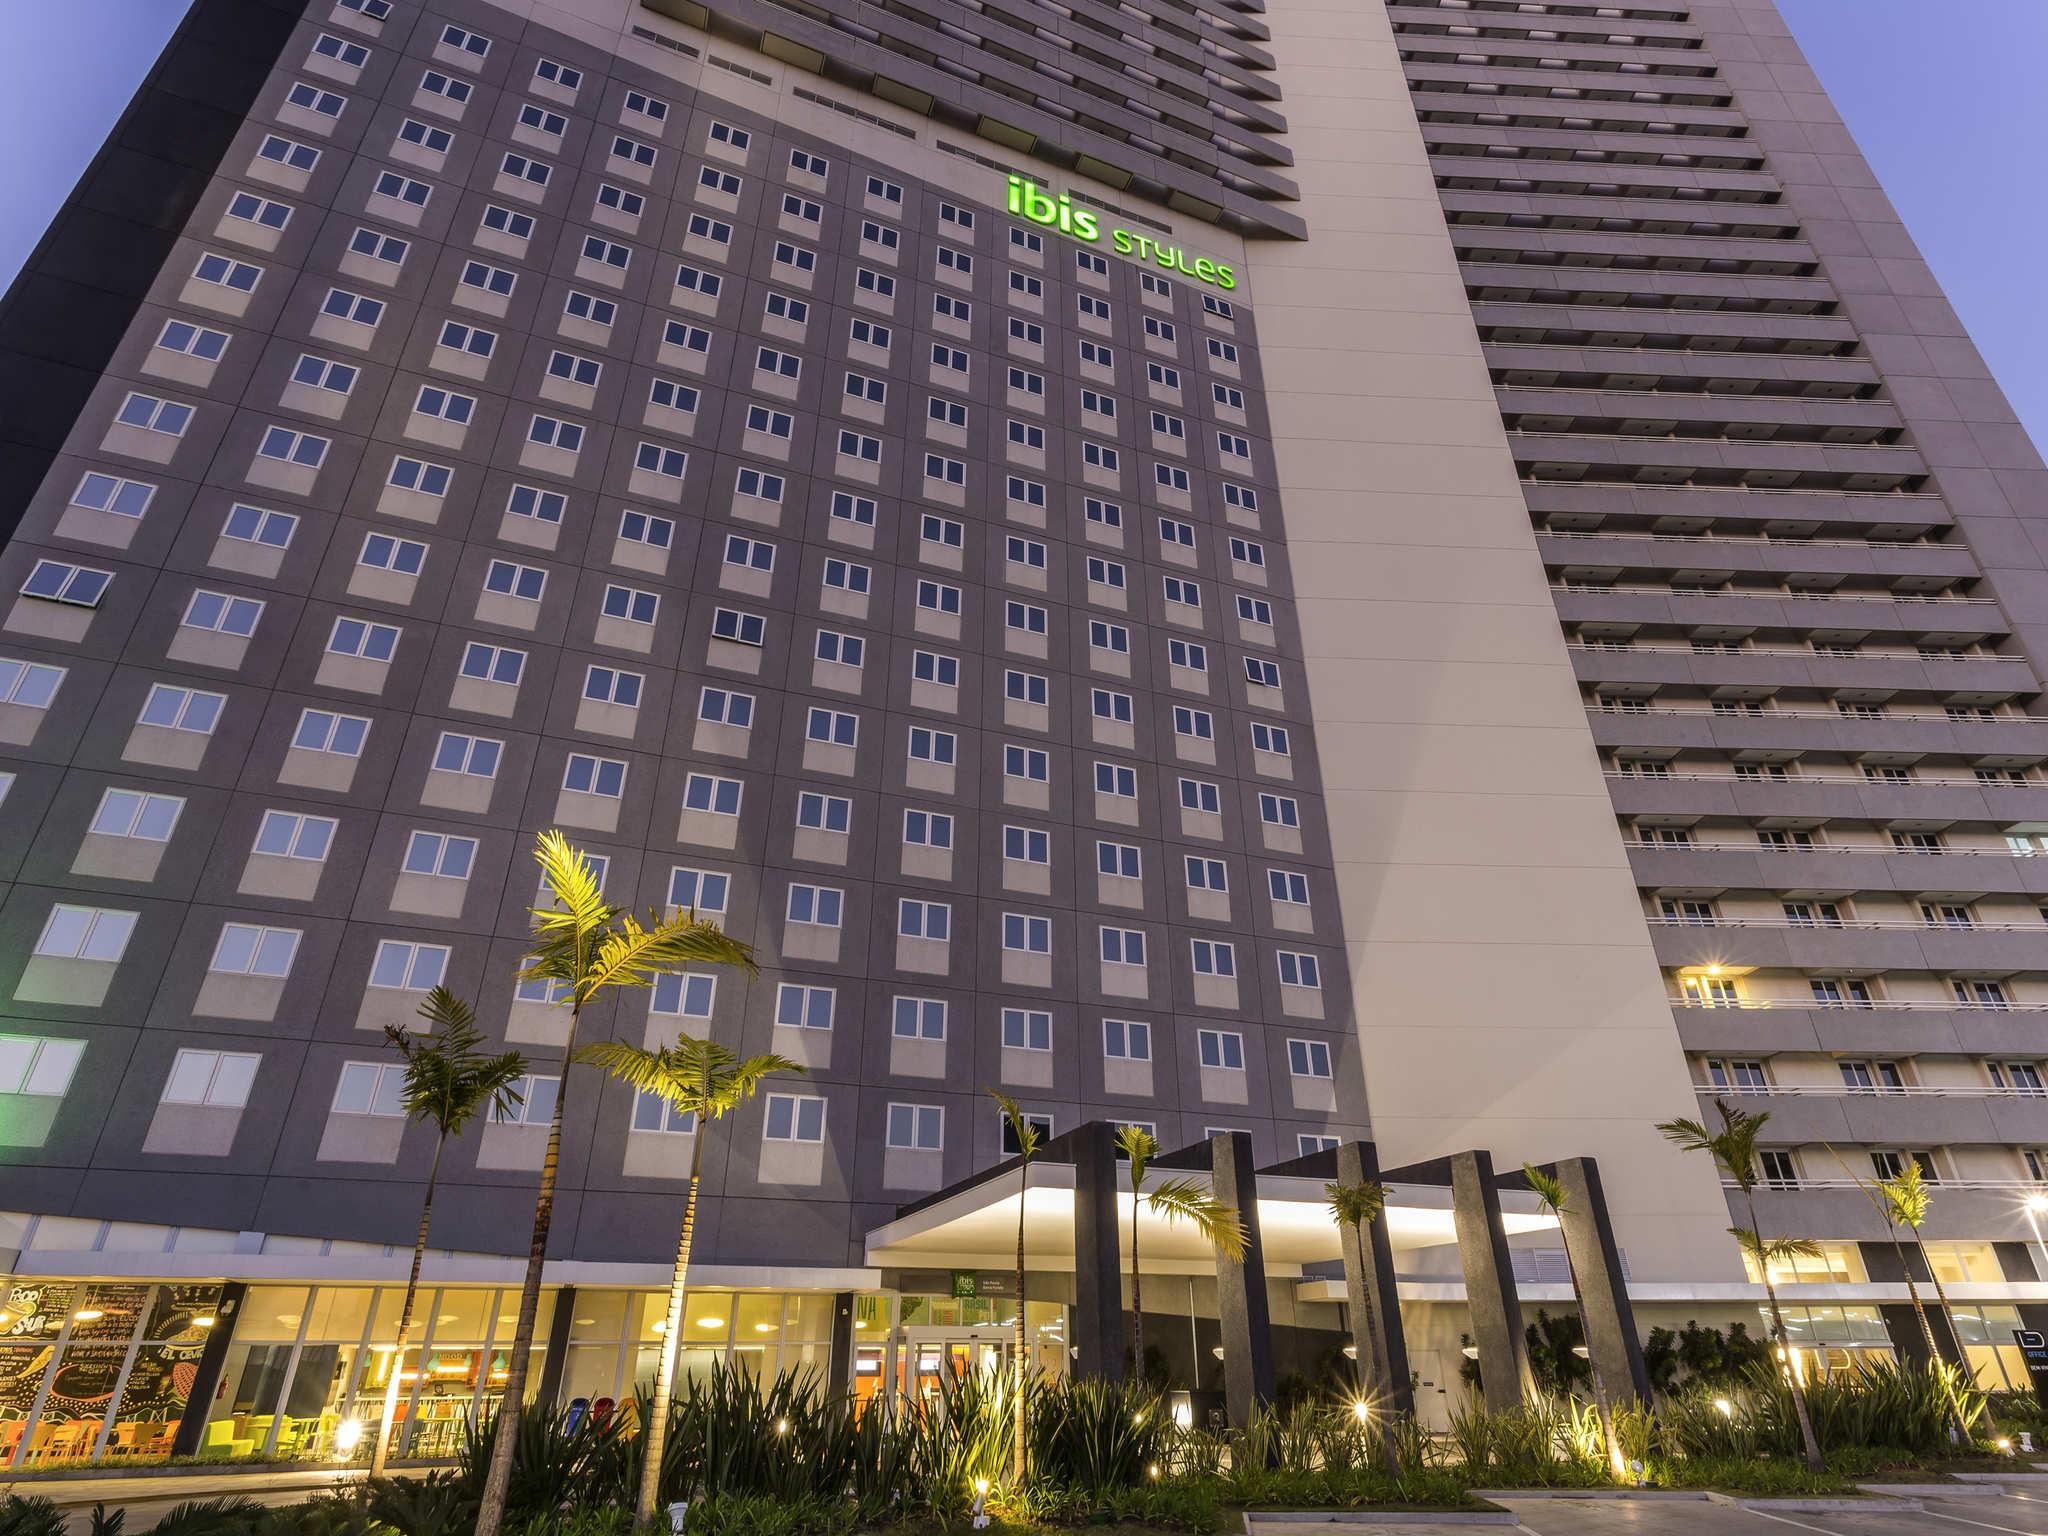 Hotel - ibis Styles São Paulo Barra Funda